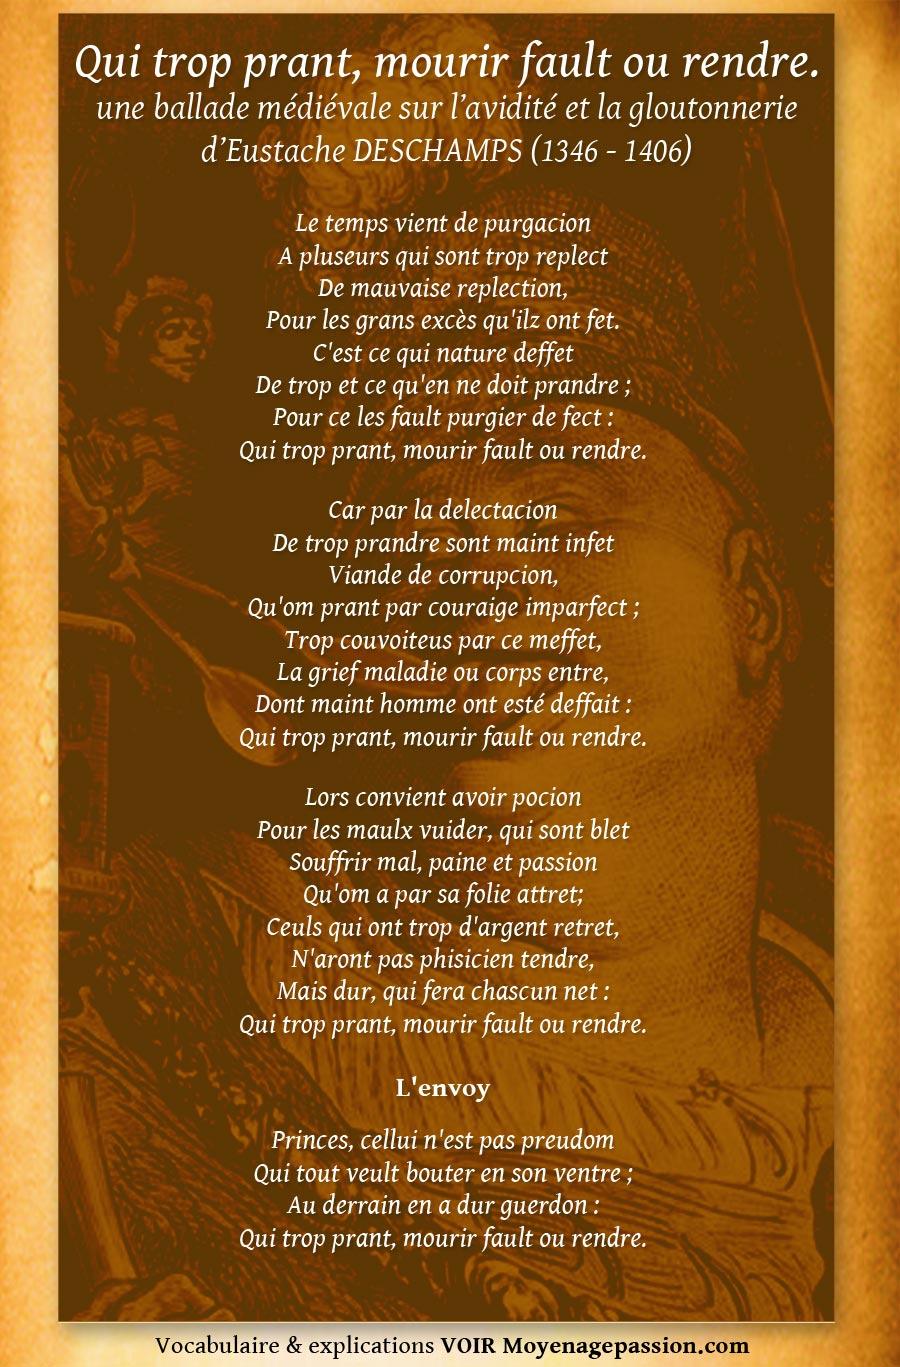 eustache_deschamps_poesie_medievale_litterature_morale_satirique_gloutonnerie_avidite_moyen-age